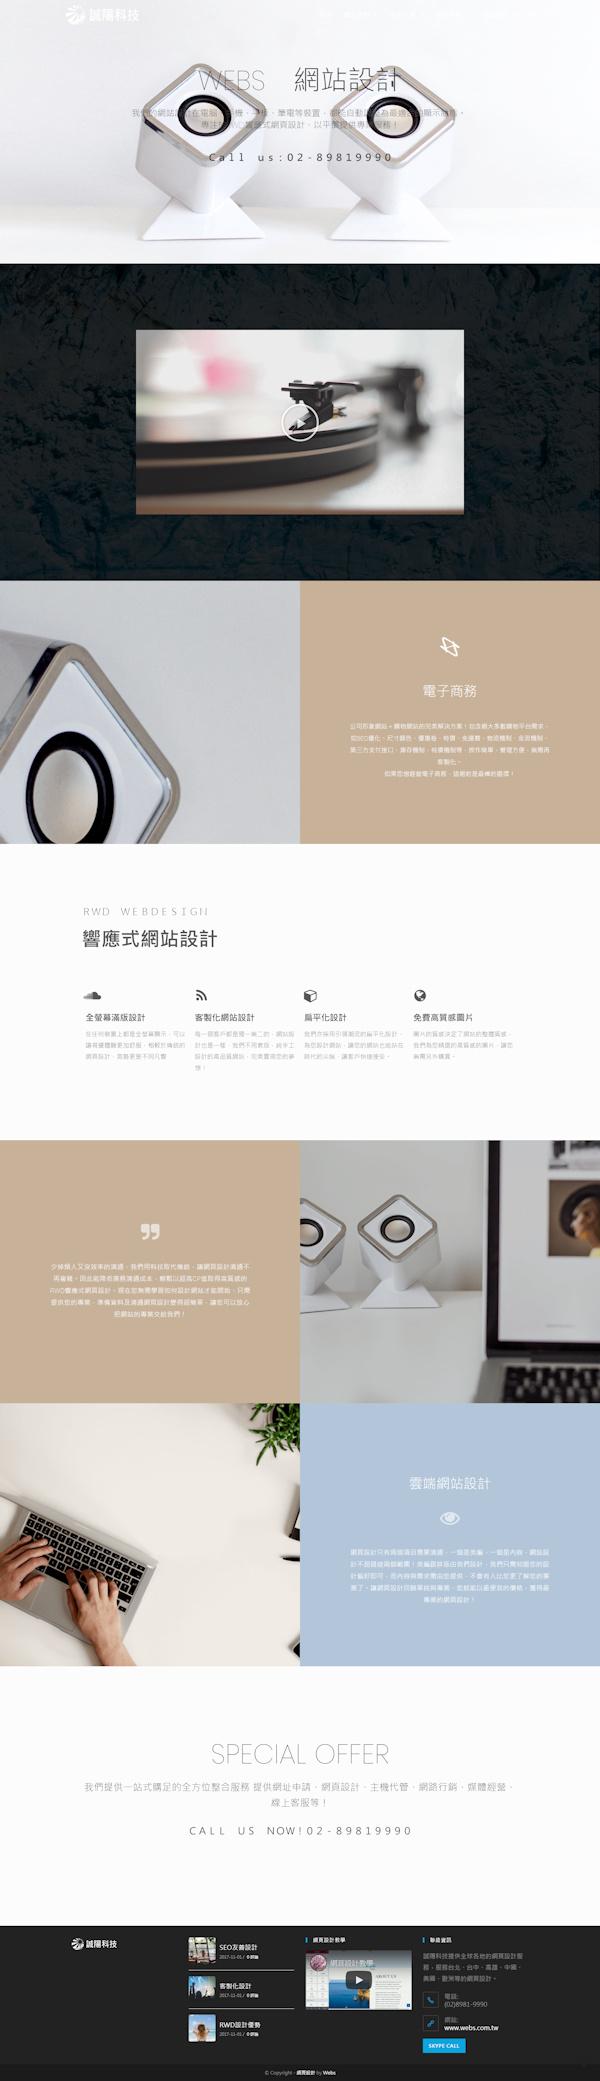 網頁設計-風格63-1